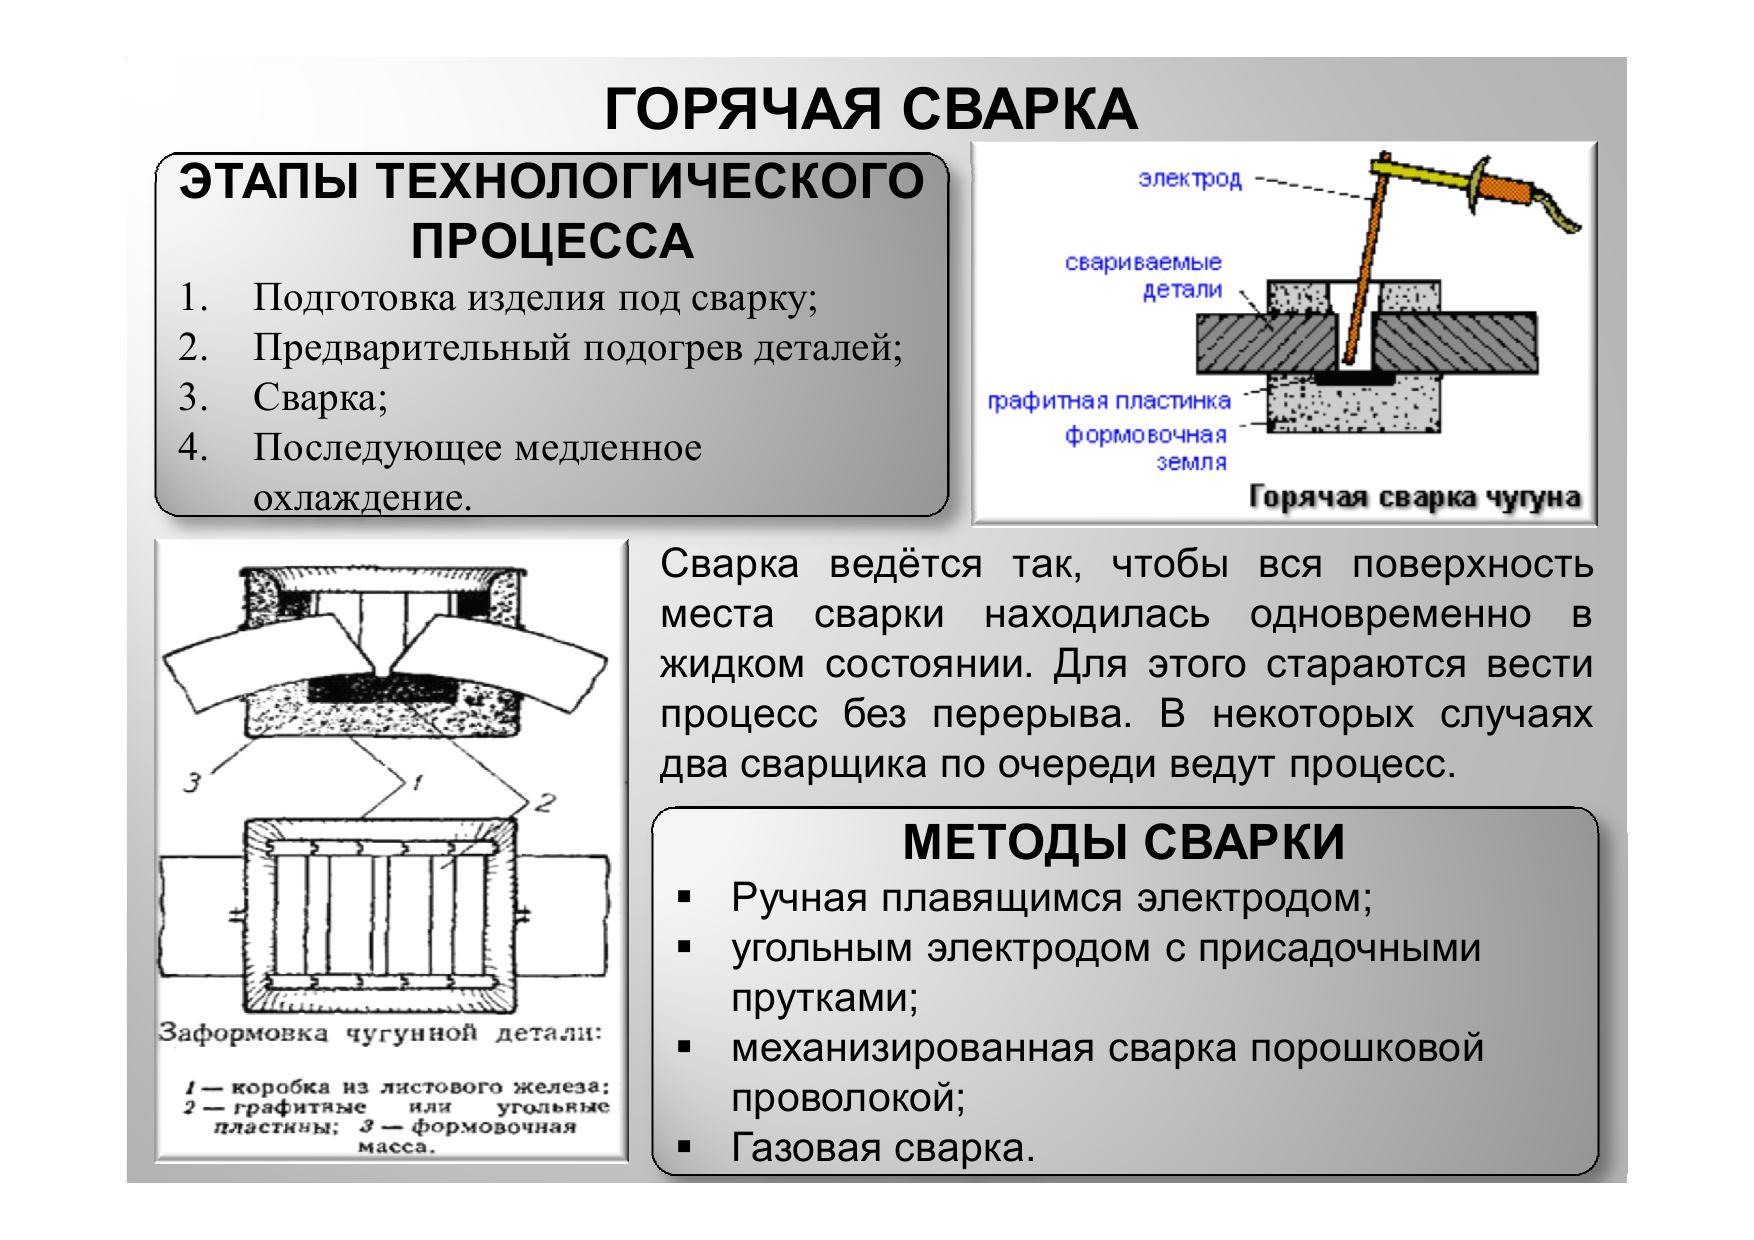 Электроды по нержавейке: маркировка элементов для сварки